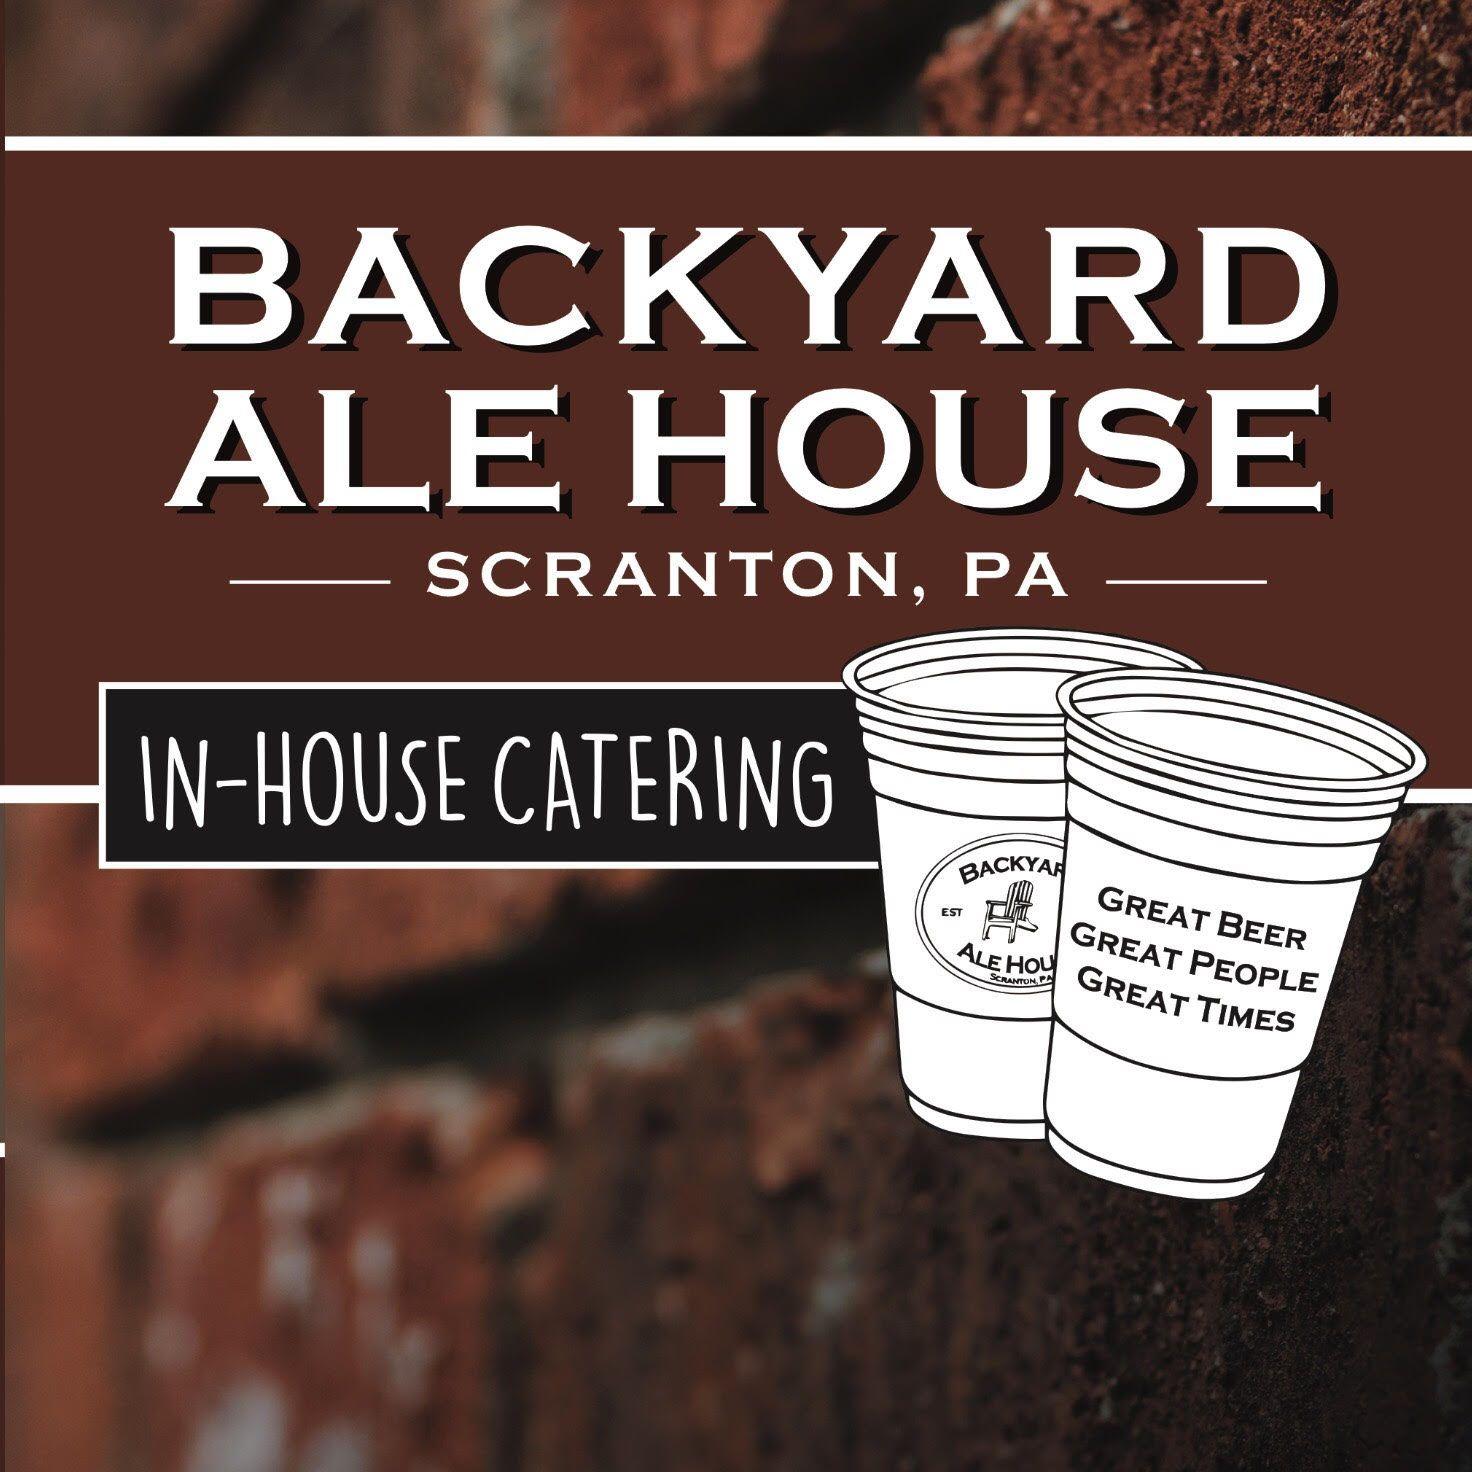 Backyard Ale House Scranton Pa - BACKYARD HOME